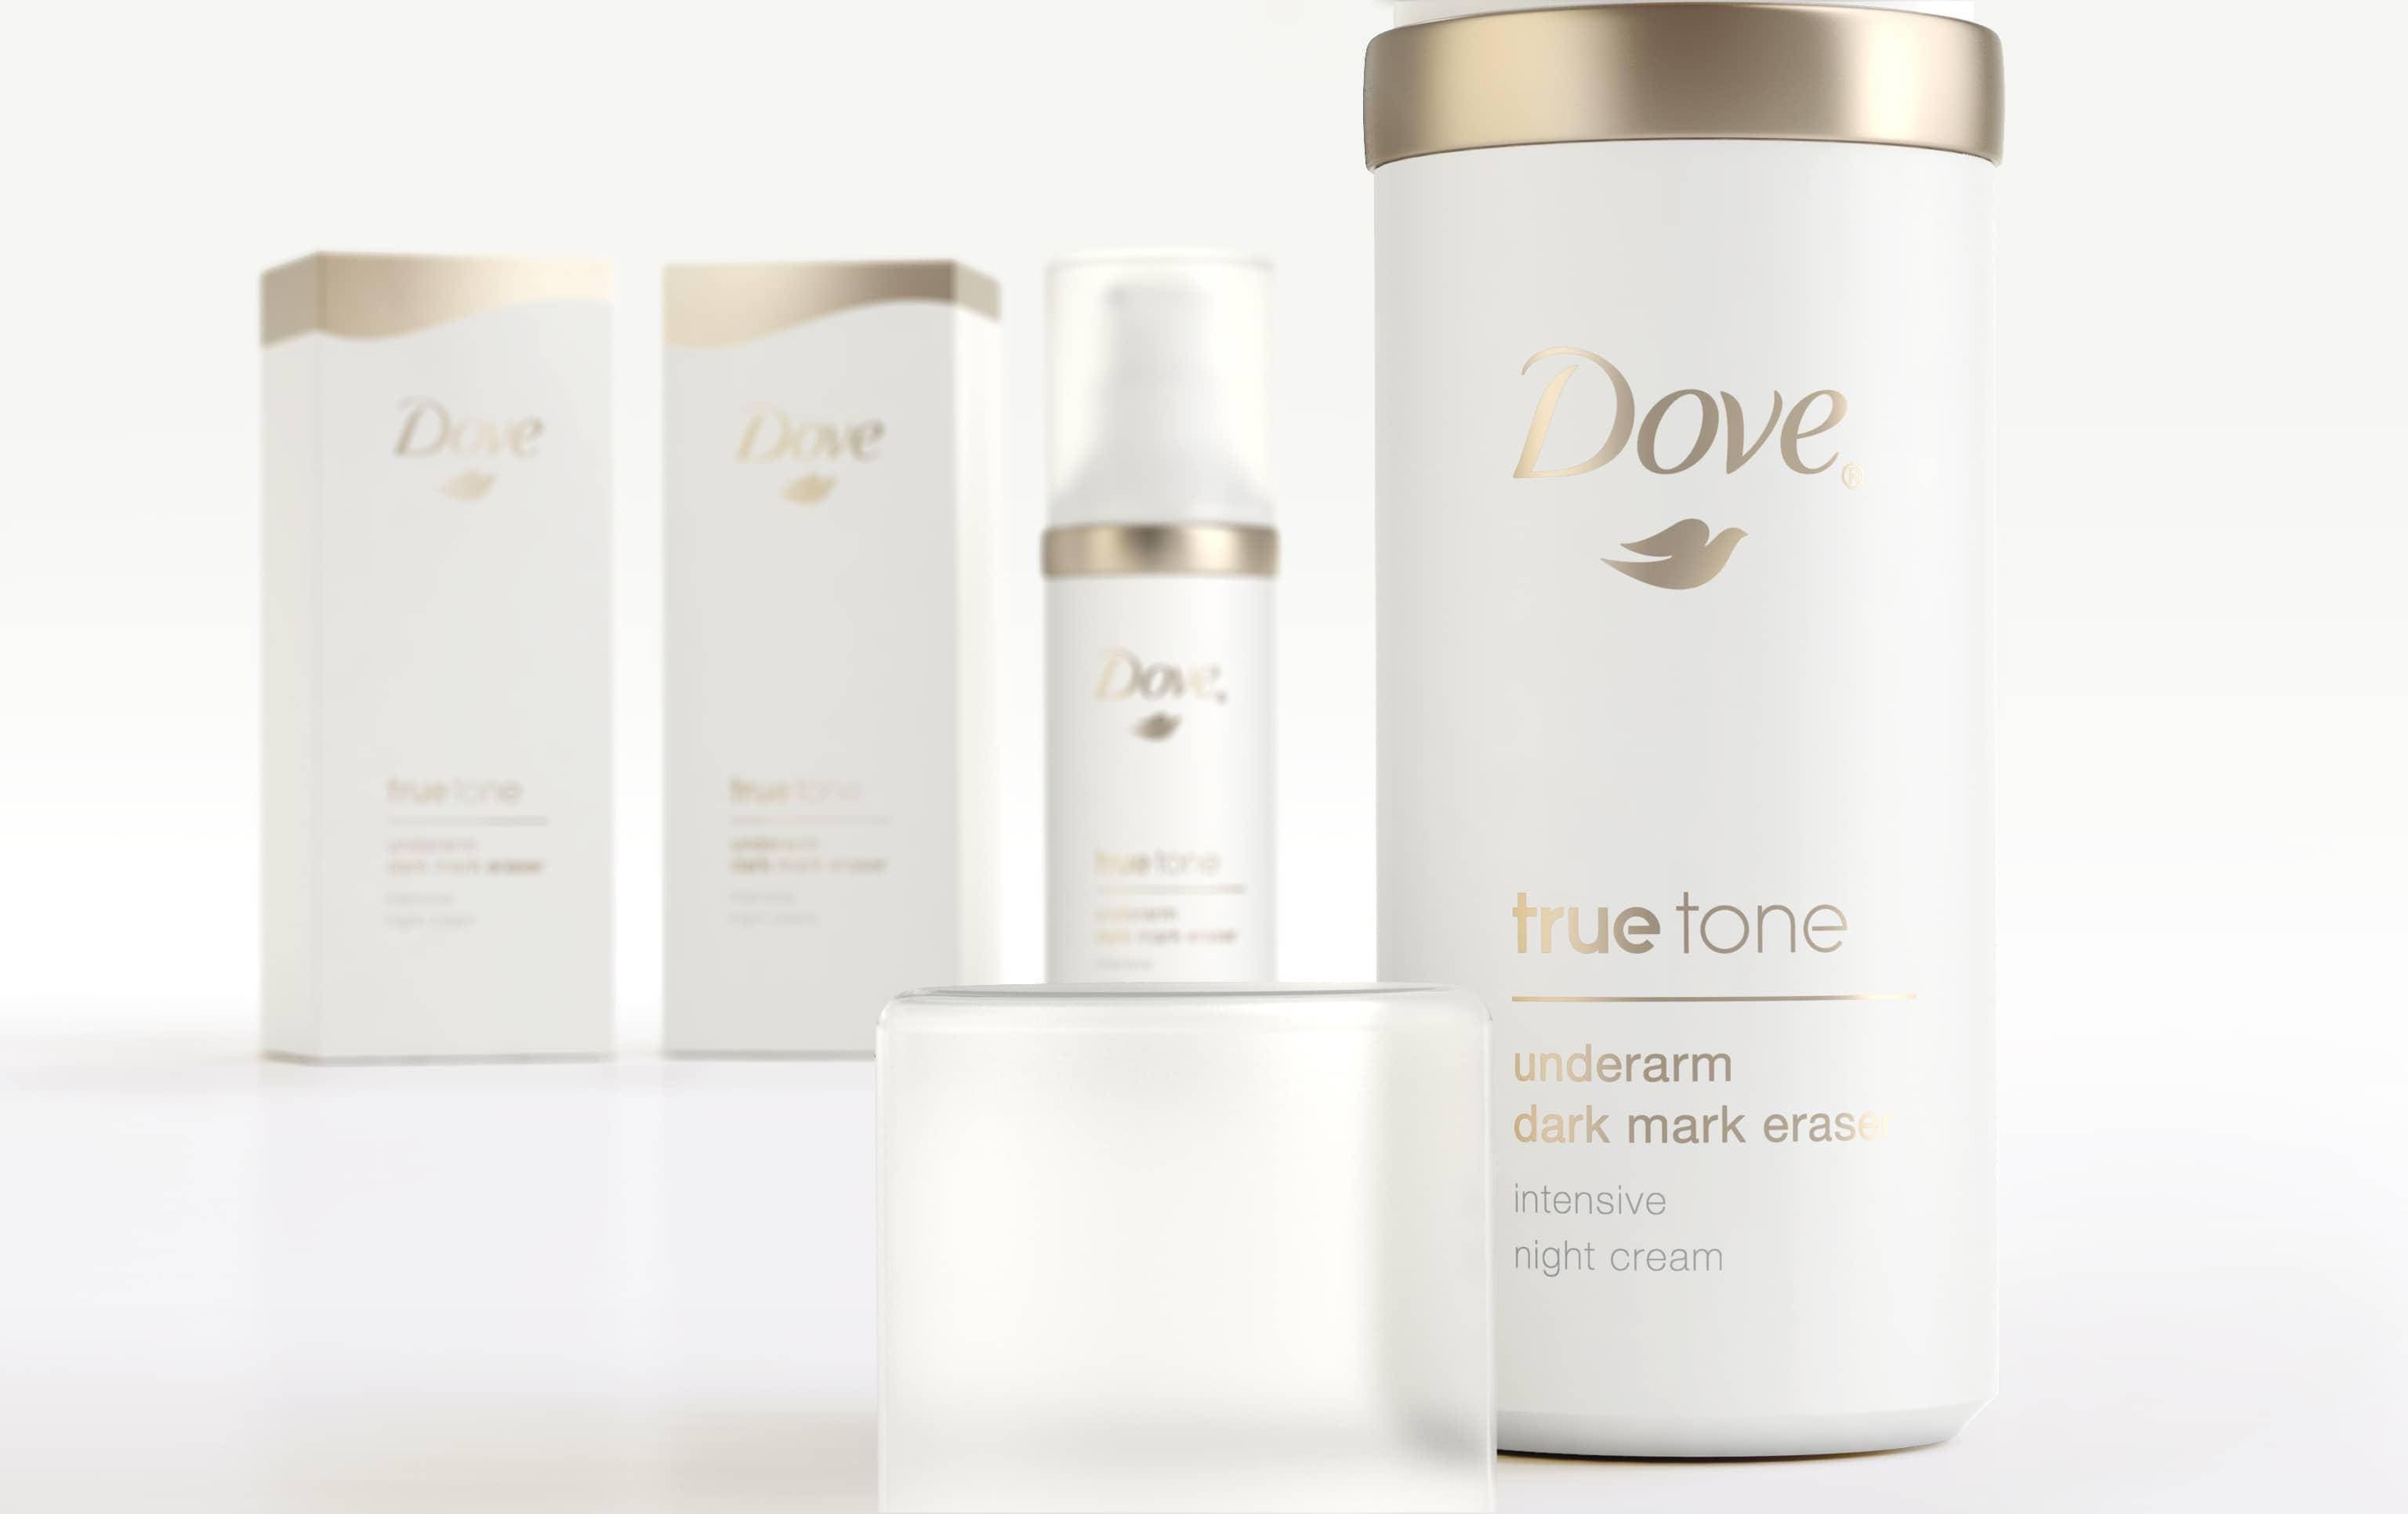 01_dove_true_tone